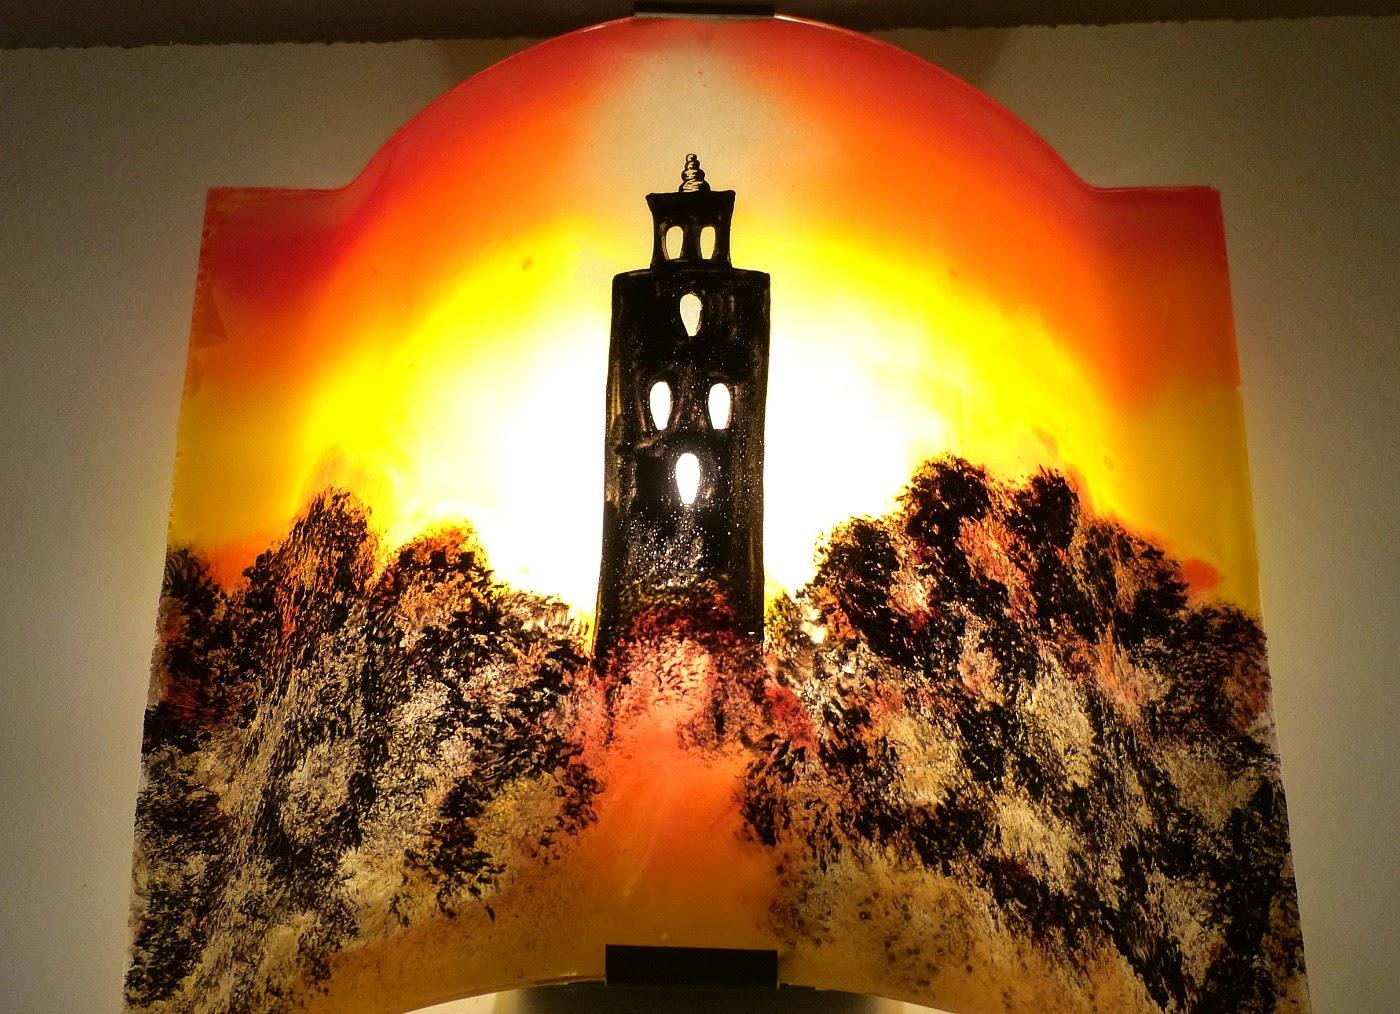 Luminaire applique murale artisanale jaune orange et rouge motif temple 3